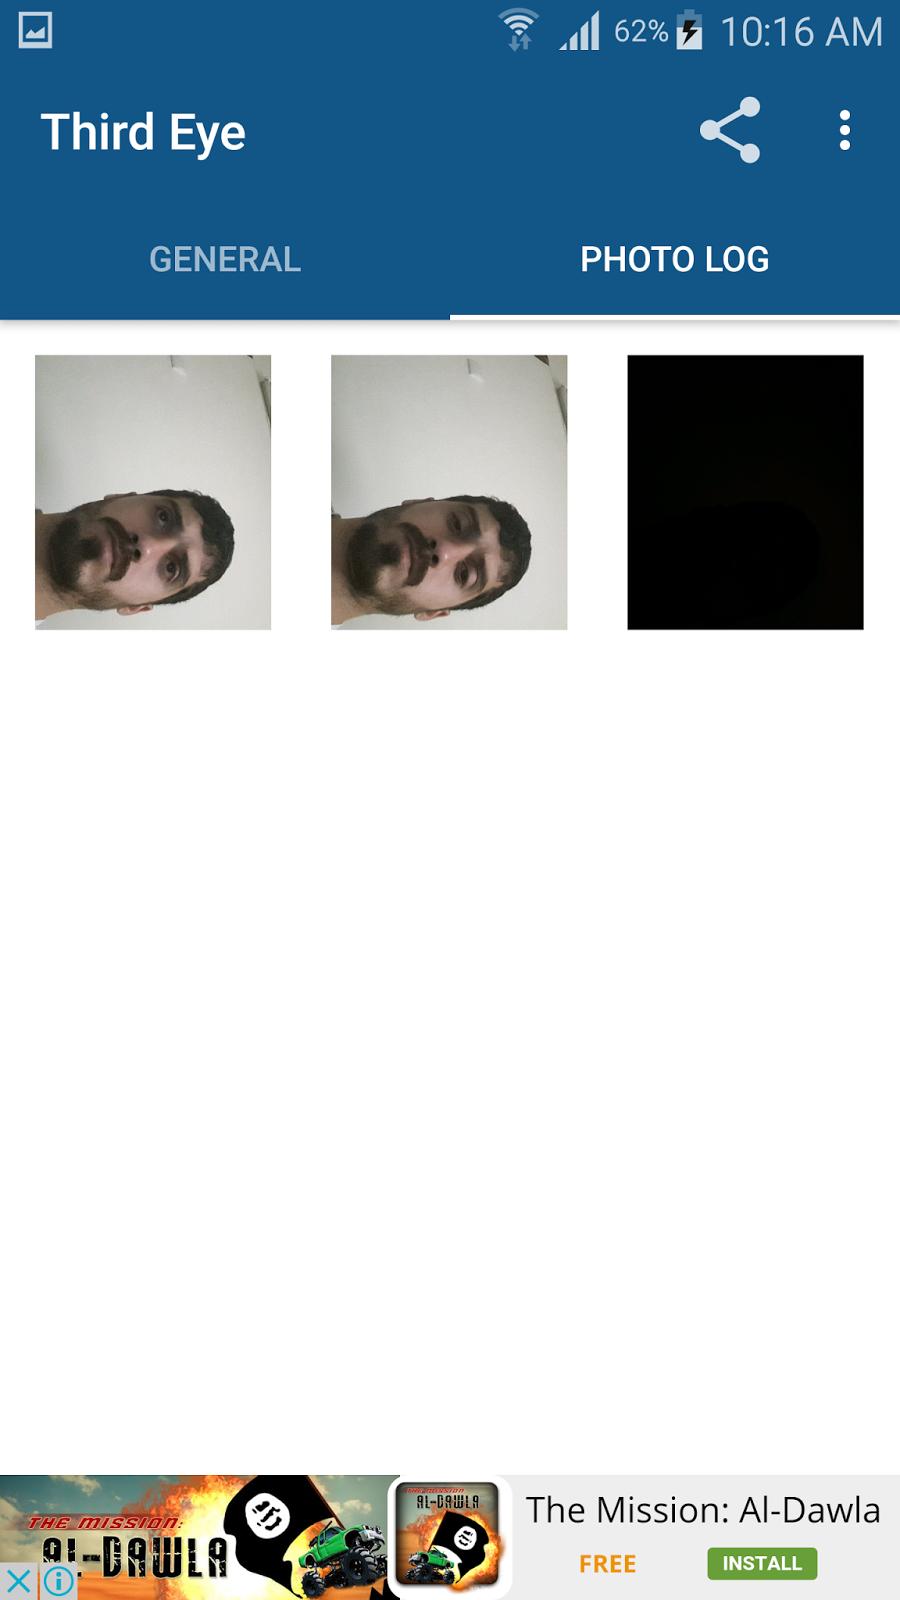 تطبيق Third Eye لتصوير كل متطفل حاول فتح قفل جوالك بدون اذنك | بحرية درويد